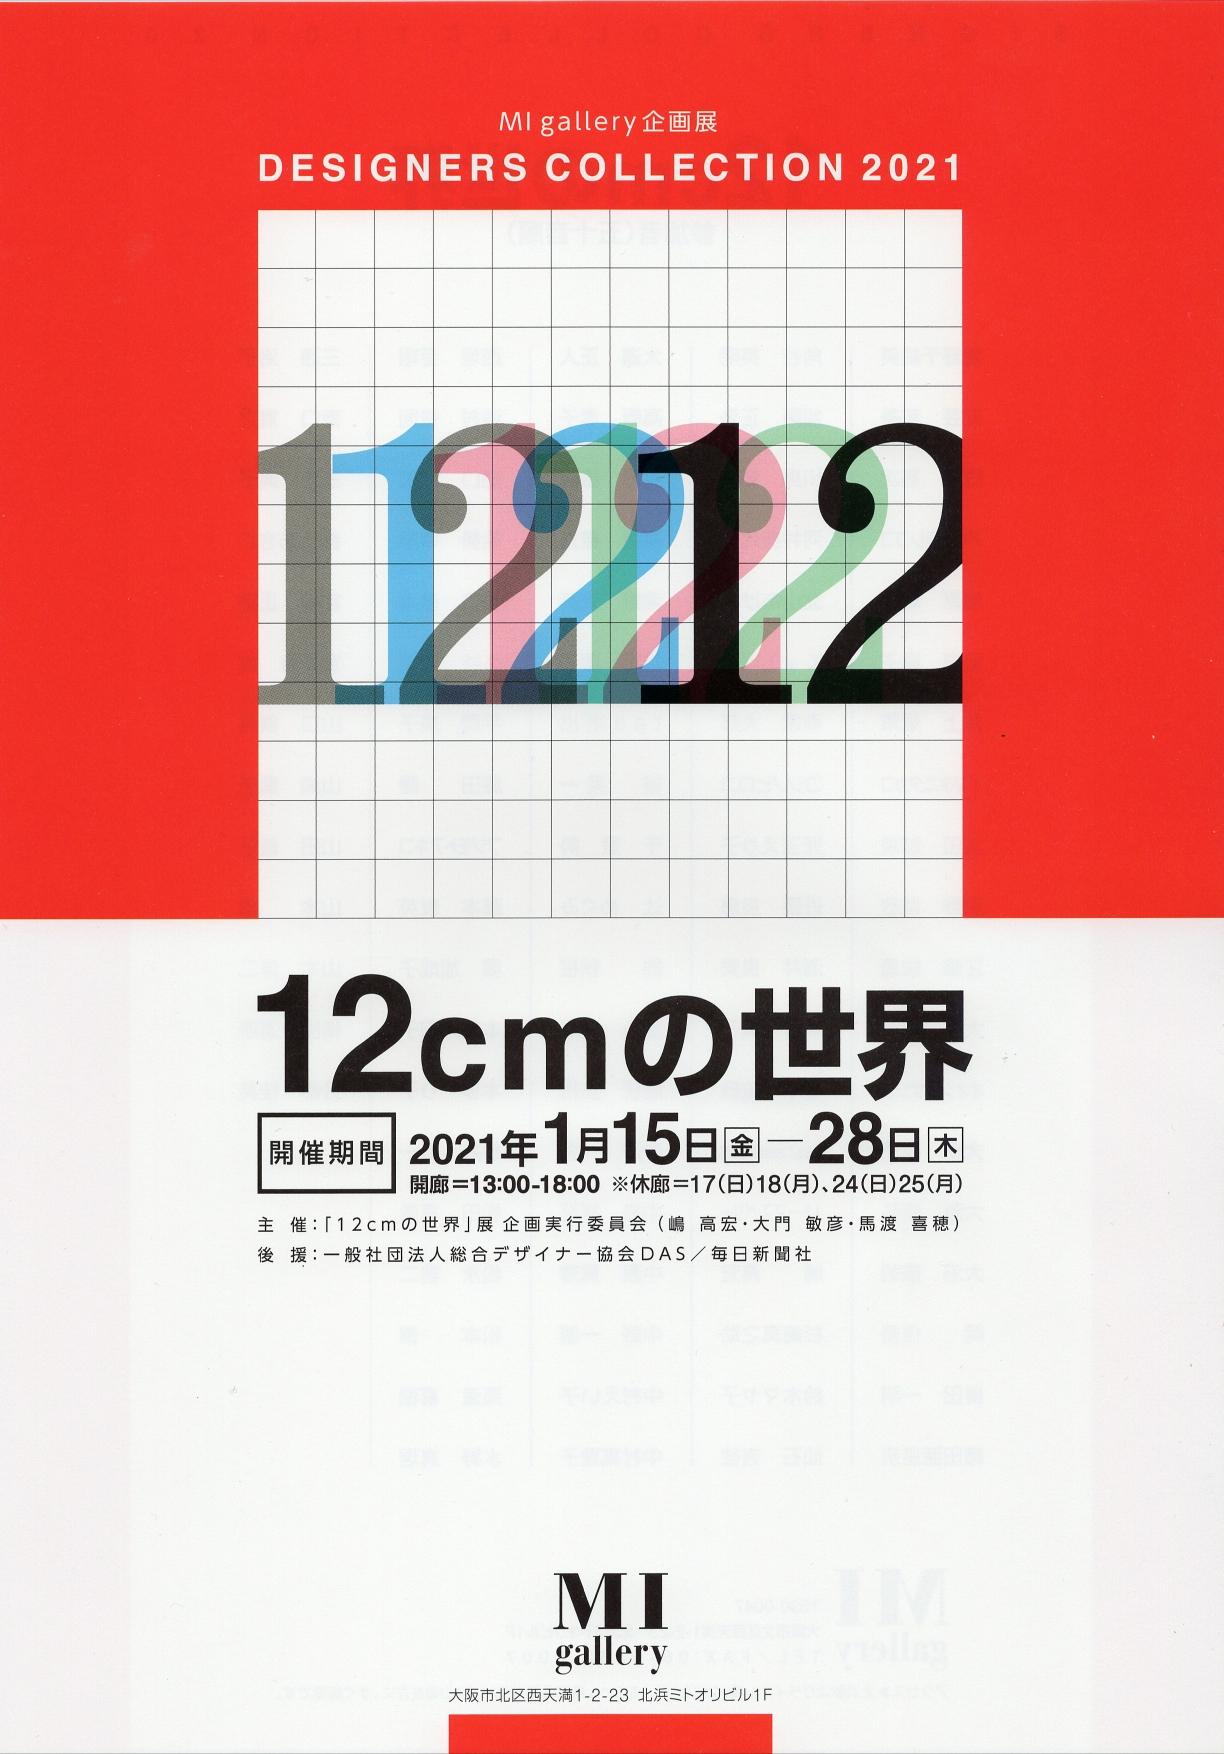 Exhibition 1. 15- 28「12cmの世界」展に出品 (日•月曜休廊)*会場: MI garelly *クリックしてHPを参照いただけます